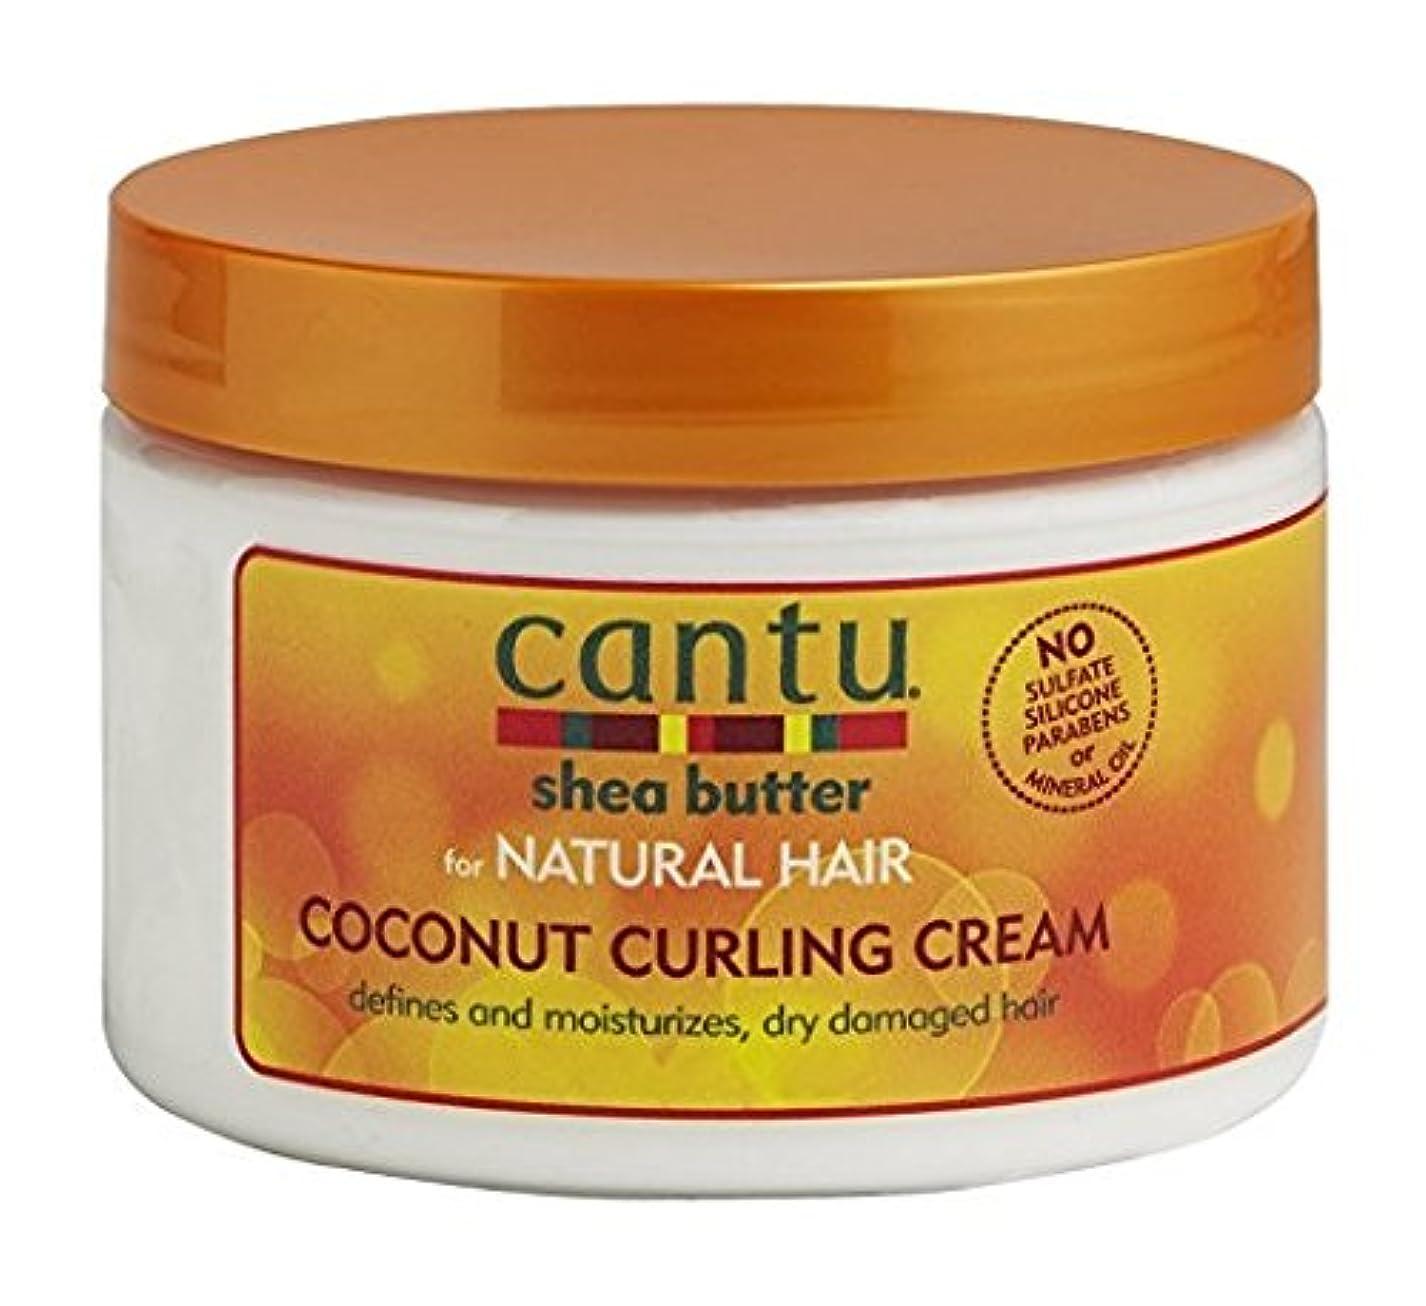 講義クラブパイプCantu Shea Butter for Natural Hair Coconut Curling Cream 340g